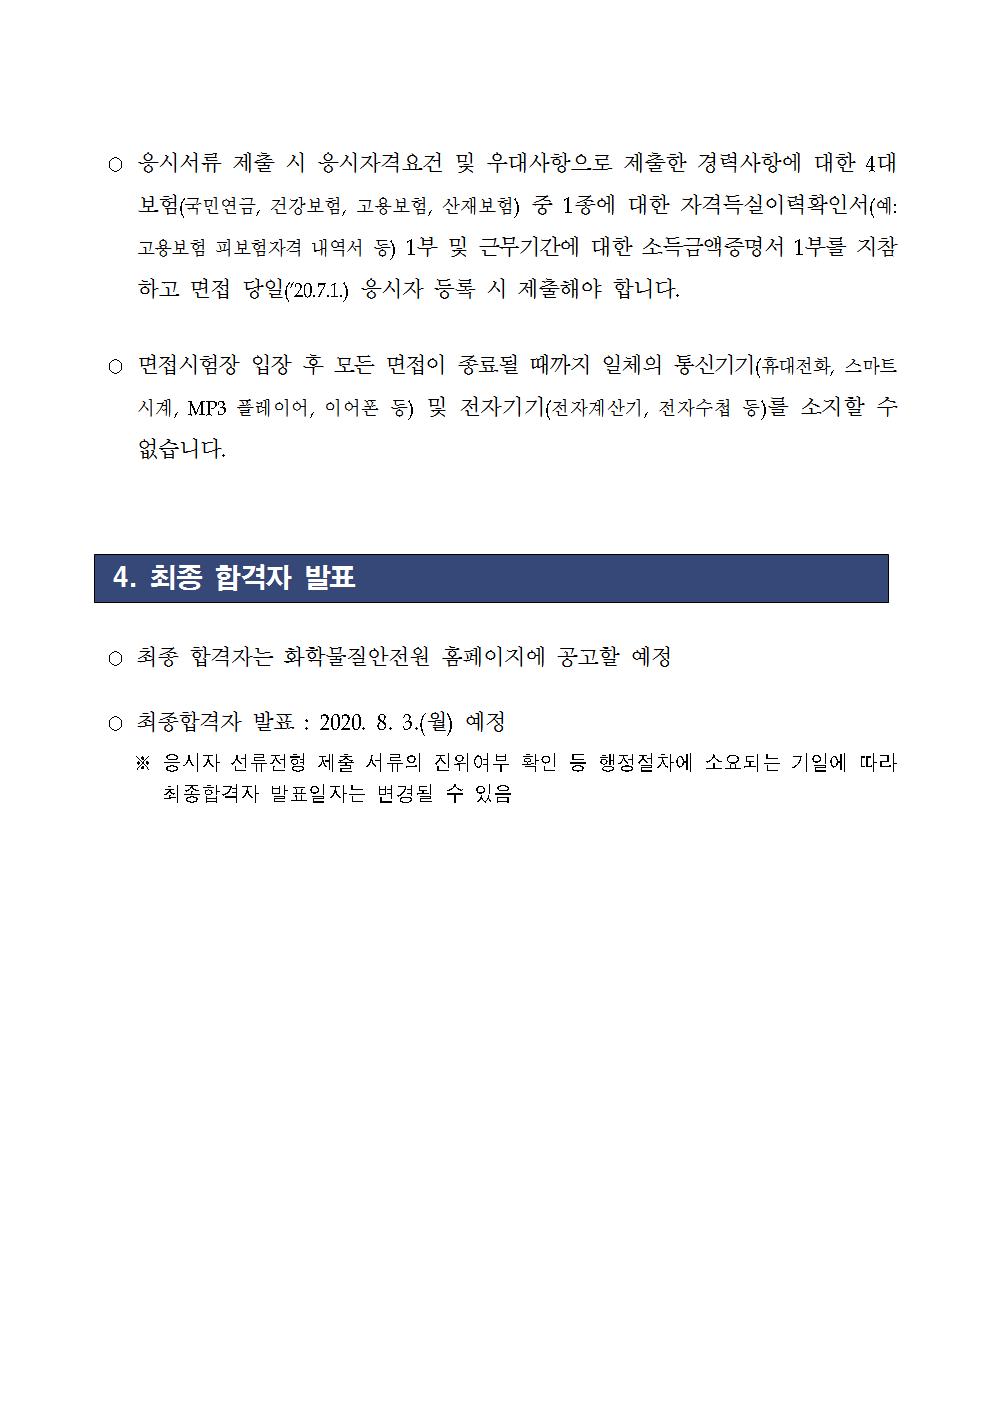 (첨부) 서류전형 합격자 및 면접시험 일정 공고문003.png